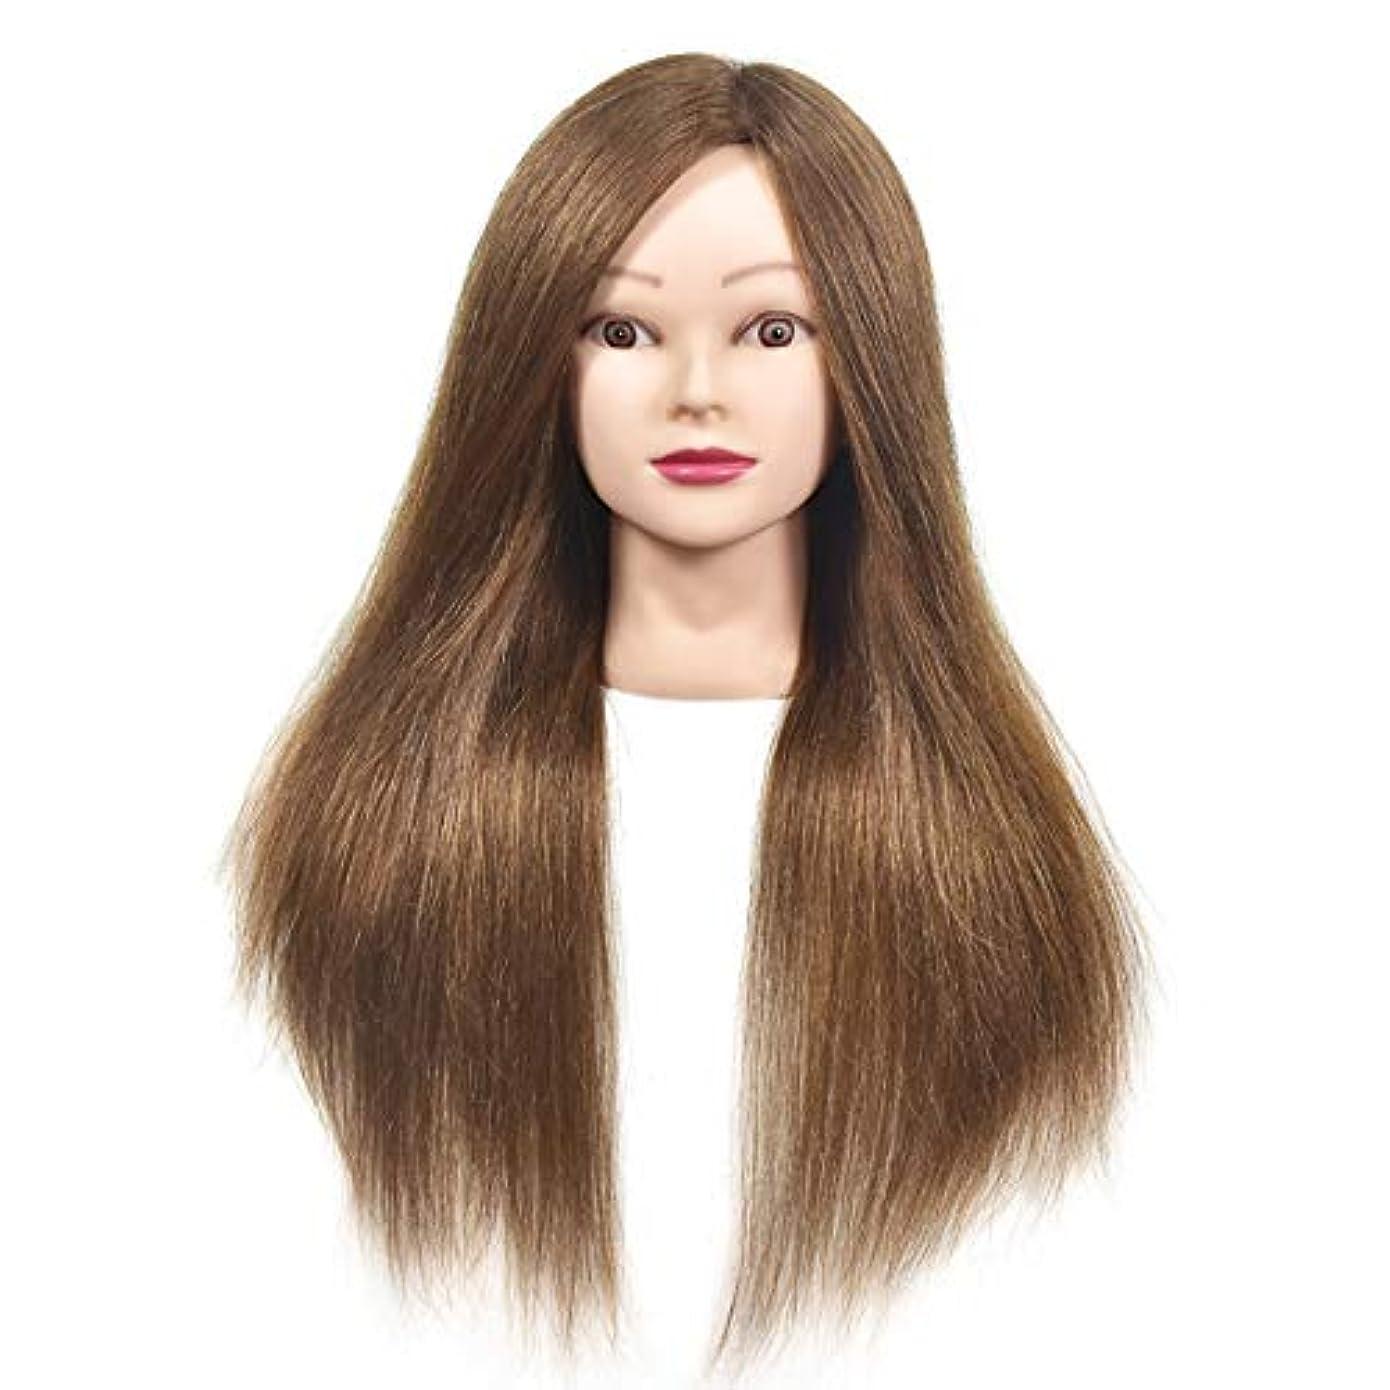 パラダイスハイランド選ぶ本物の人間の髪のかつらの頭の金型の頭の編み出しスタイリングのマネキン頭の理髪店の練習の教師のダミーヘッド